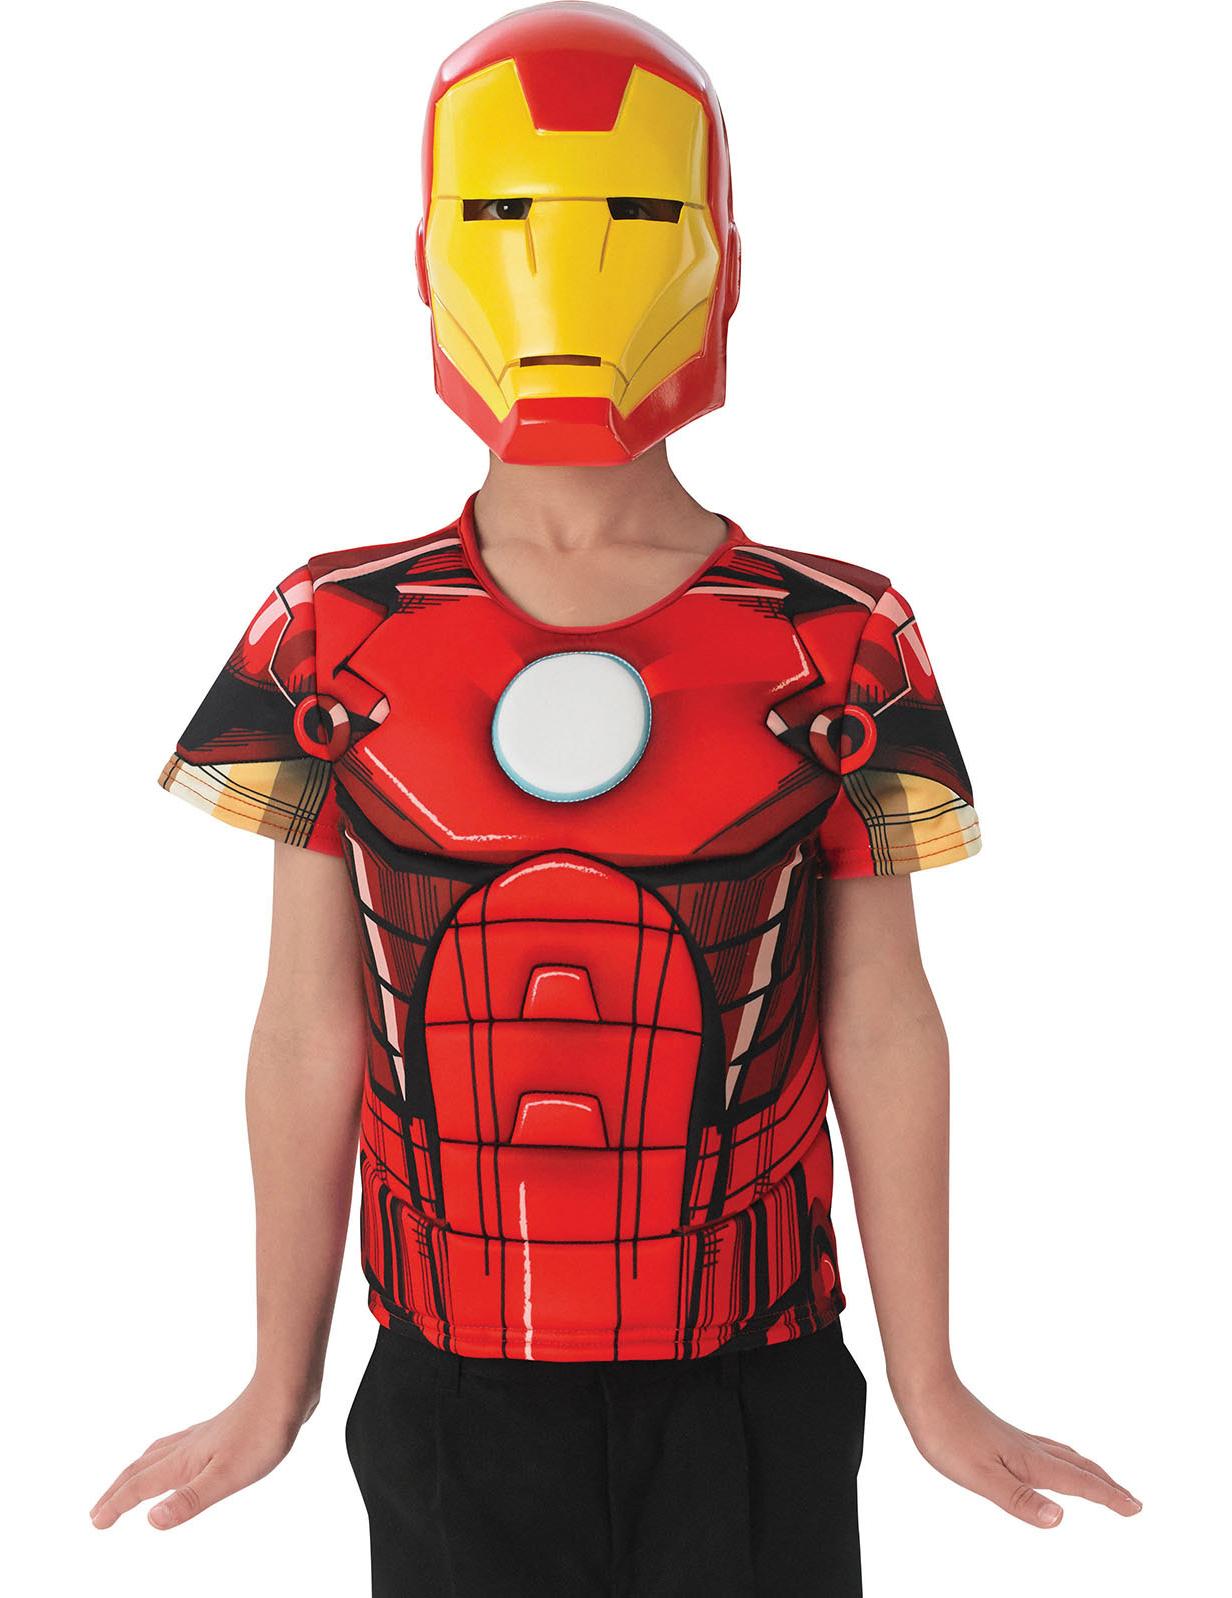 Iron Man The Avengers Maske und Schutzschild für Kinder 71870